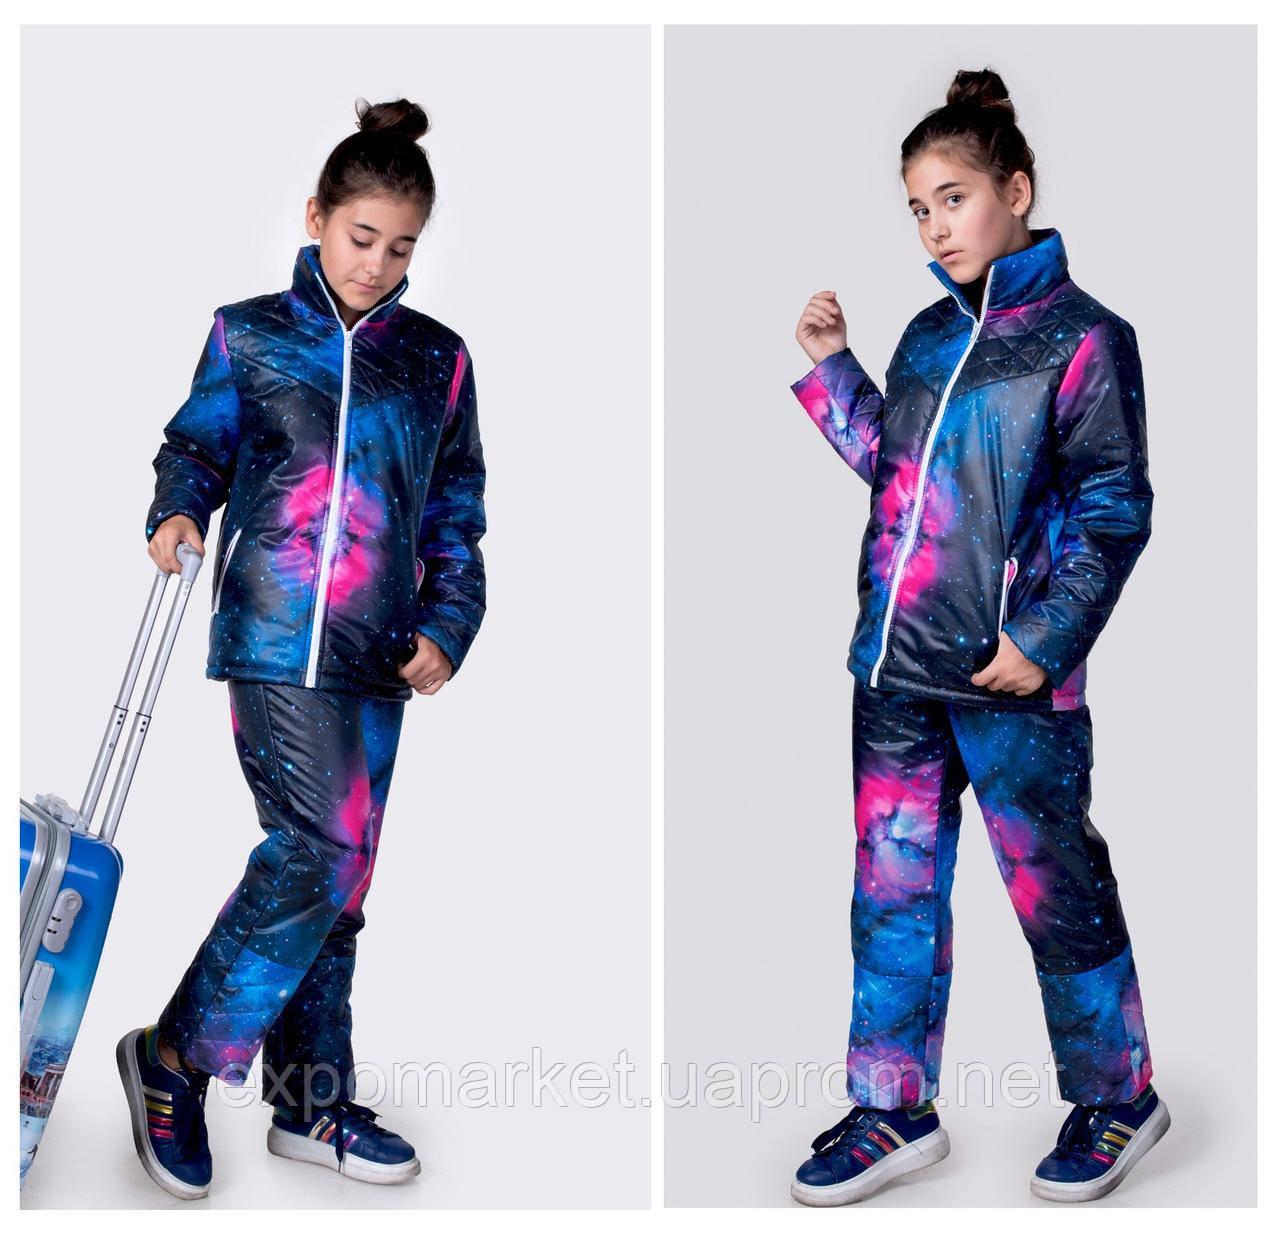 Детский зимний костюм для девочки на синтепоне 128,134,140, 146